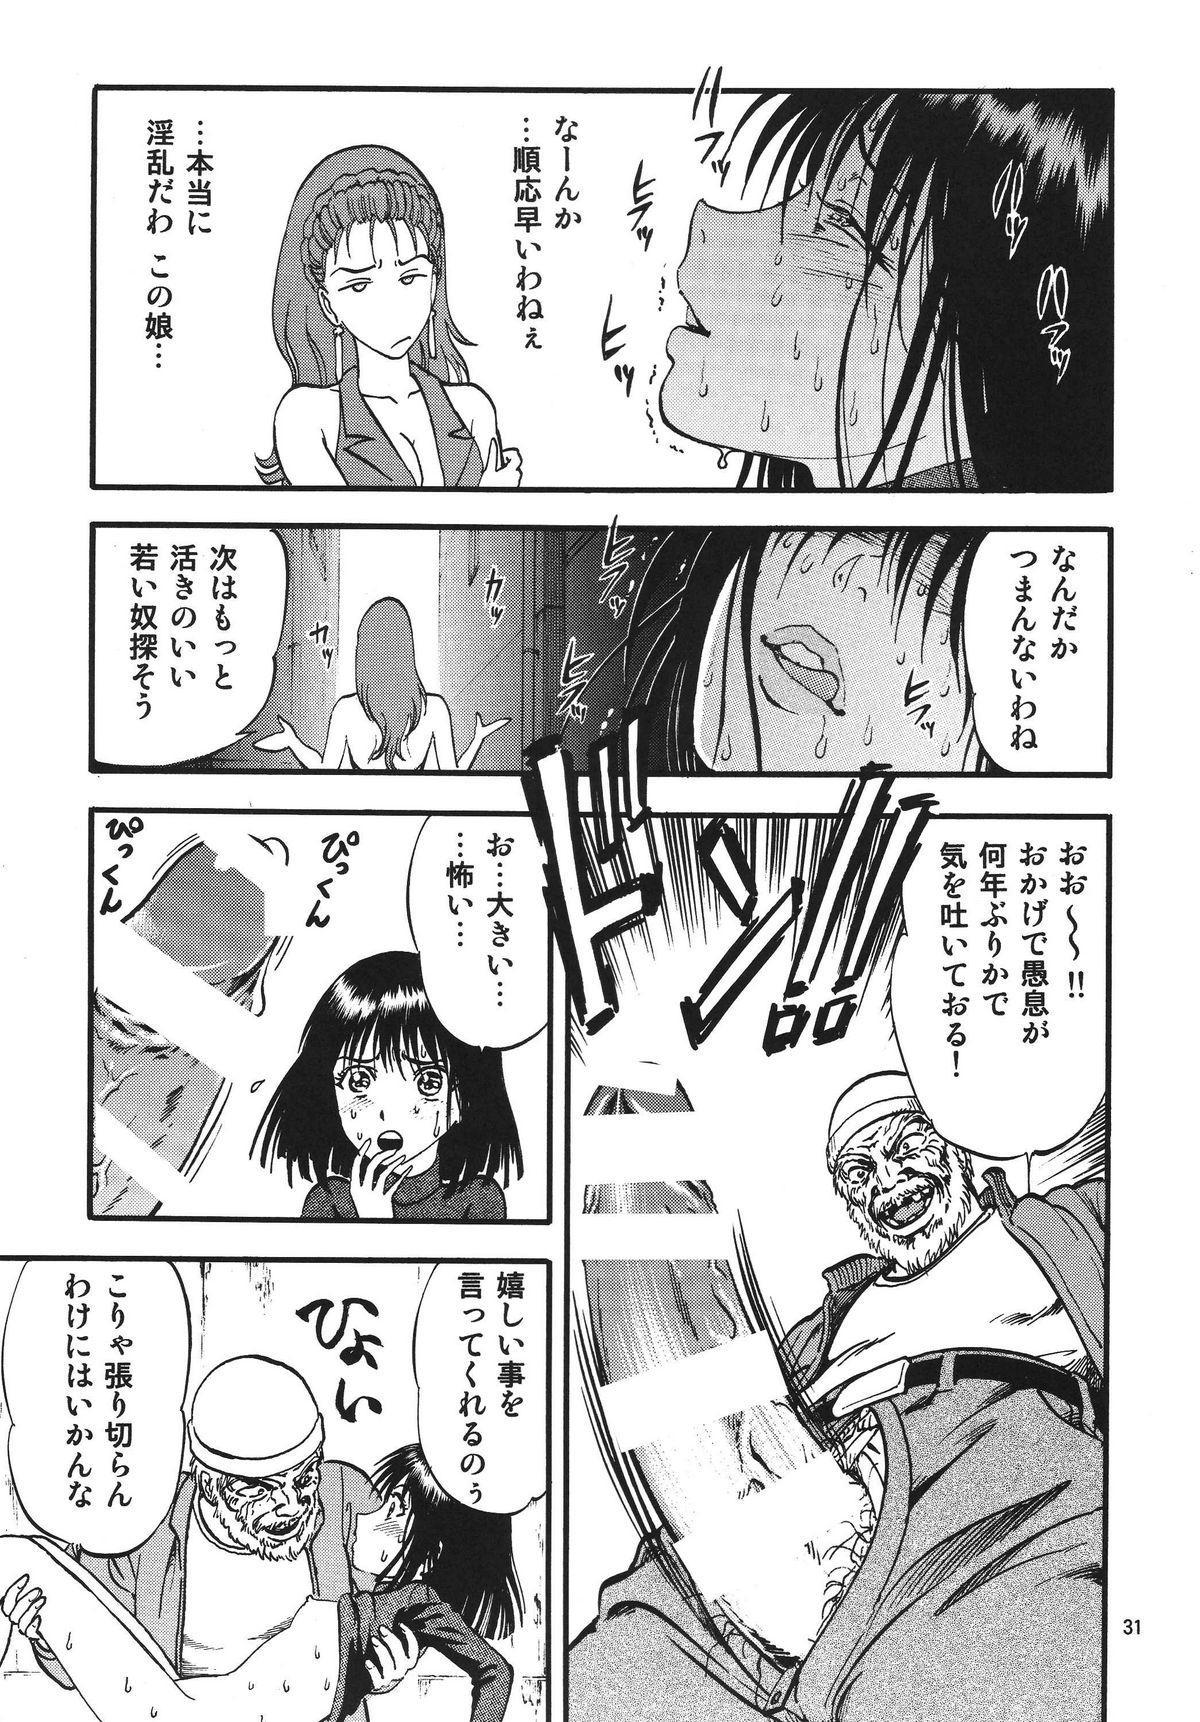 Hotaru no Shizuku 30